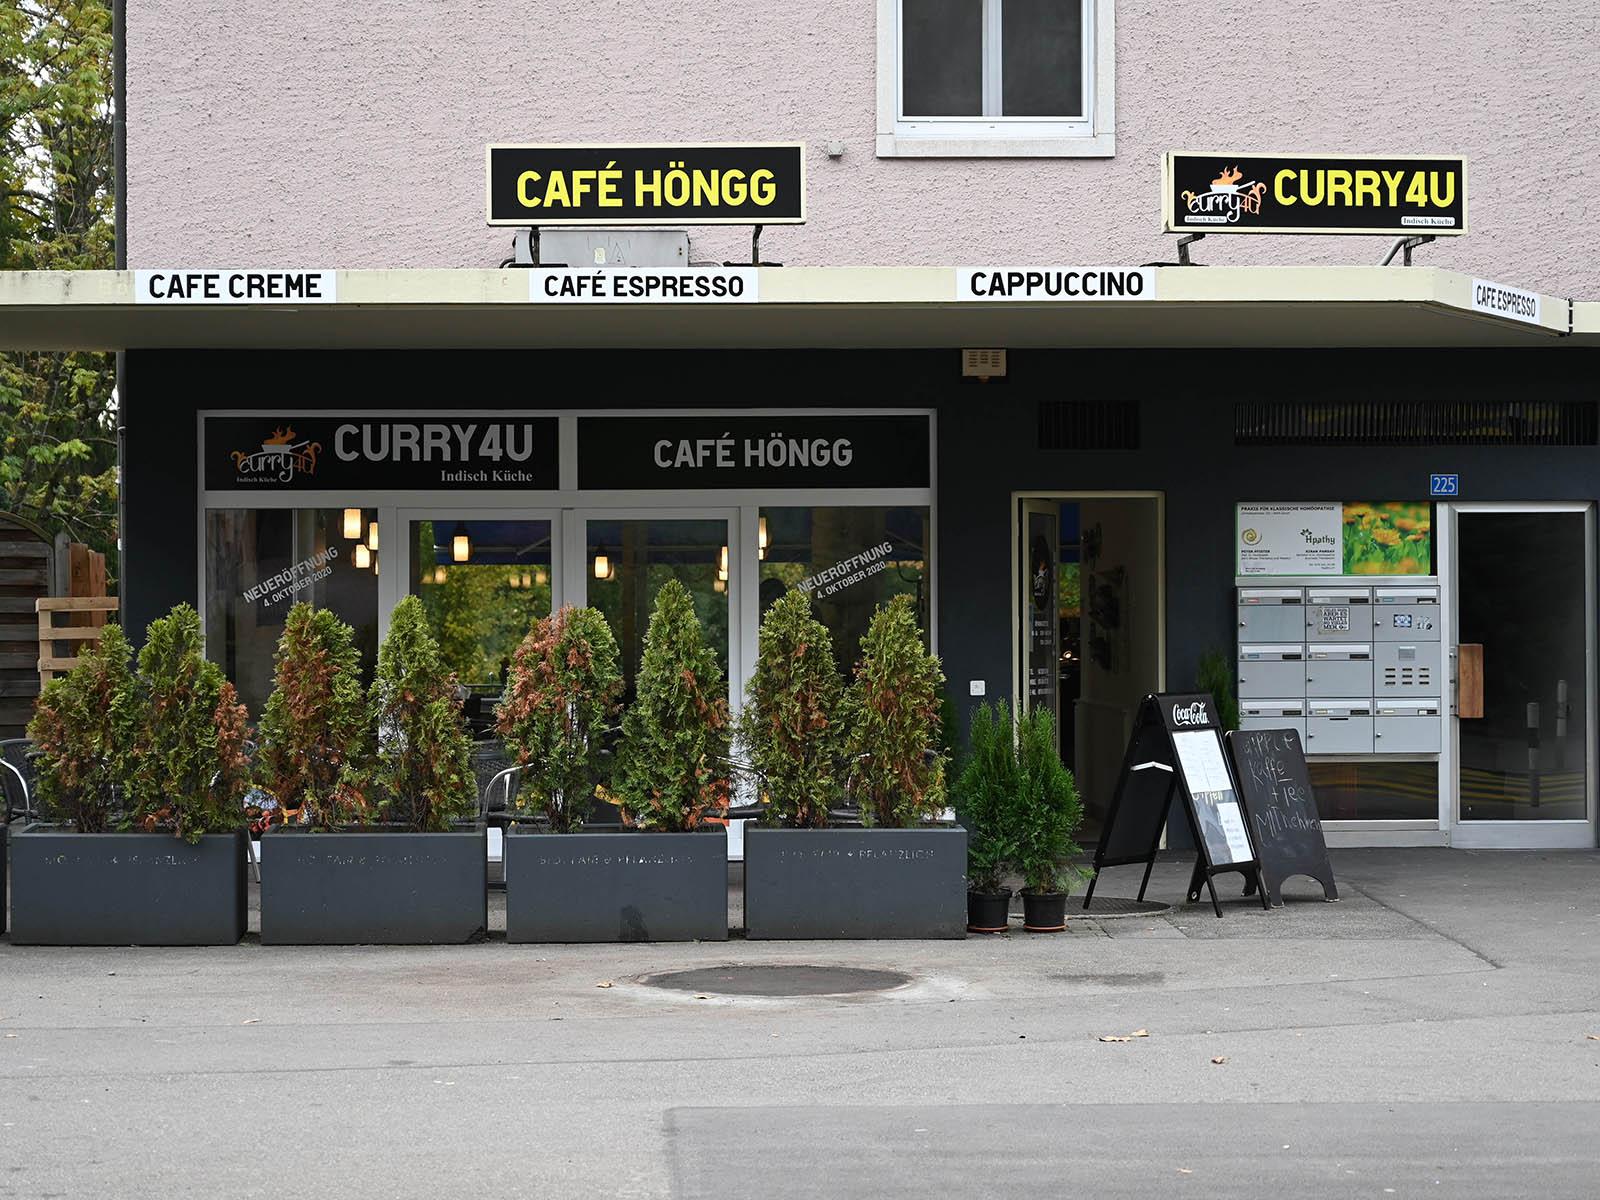 Im Café Höngg wird neuerdings Curry serviert.